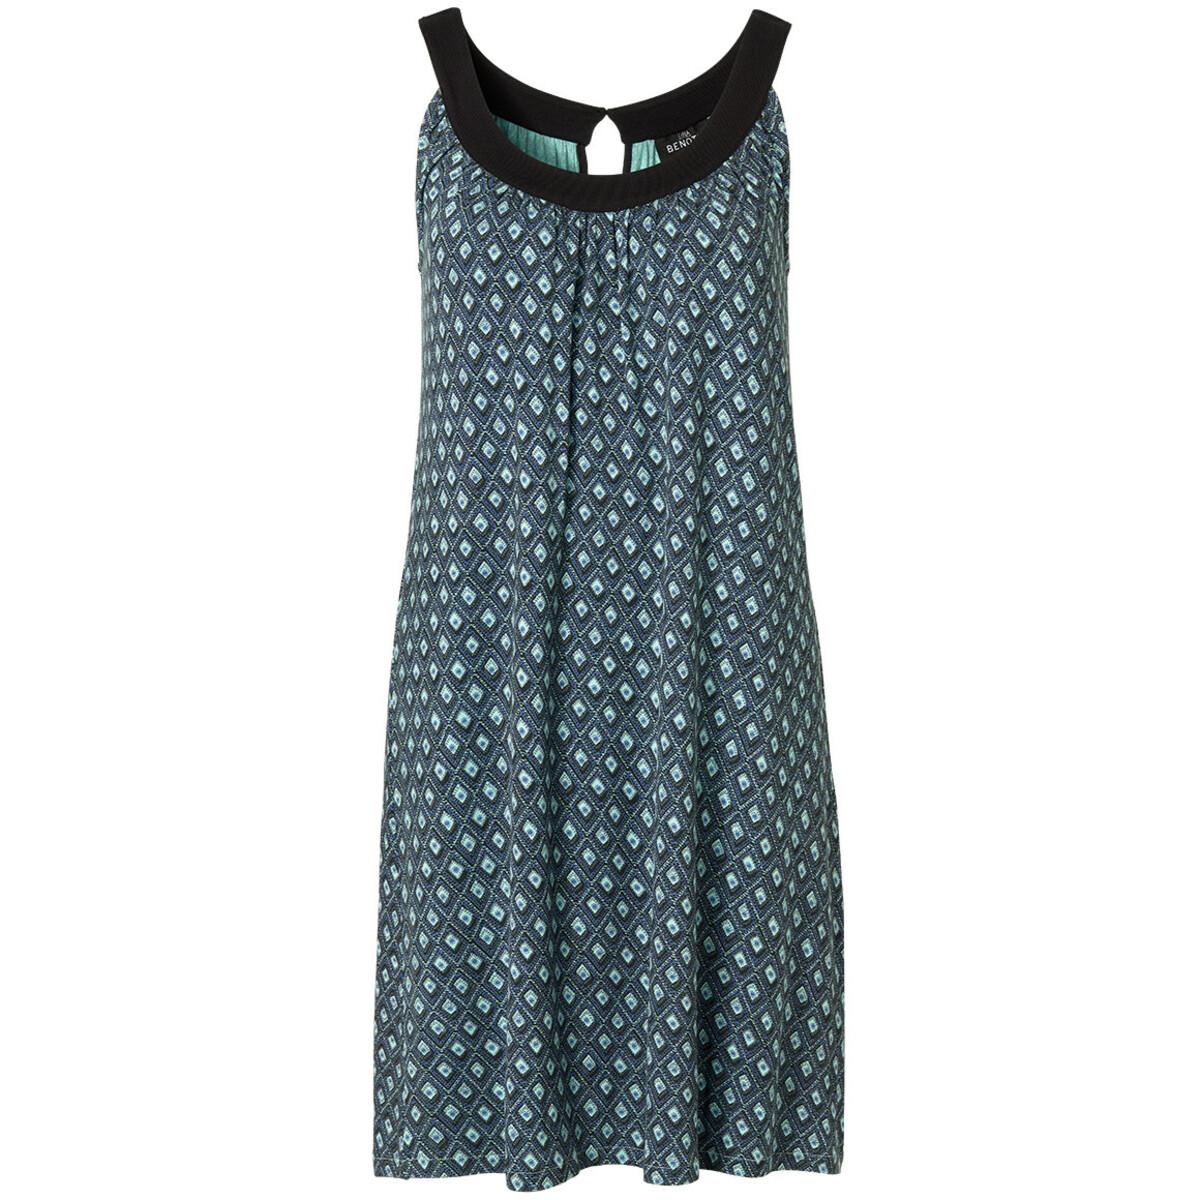 Bild 1 von Damen Jerseykleid mit Allover-Print